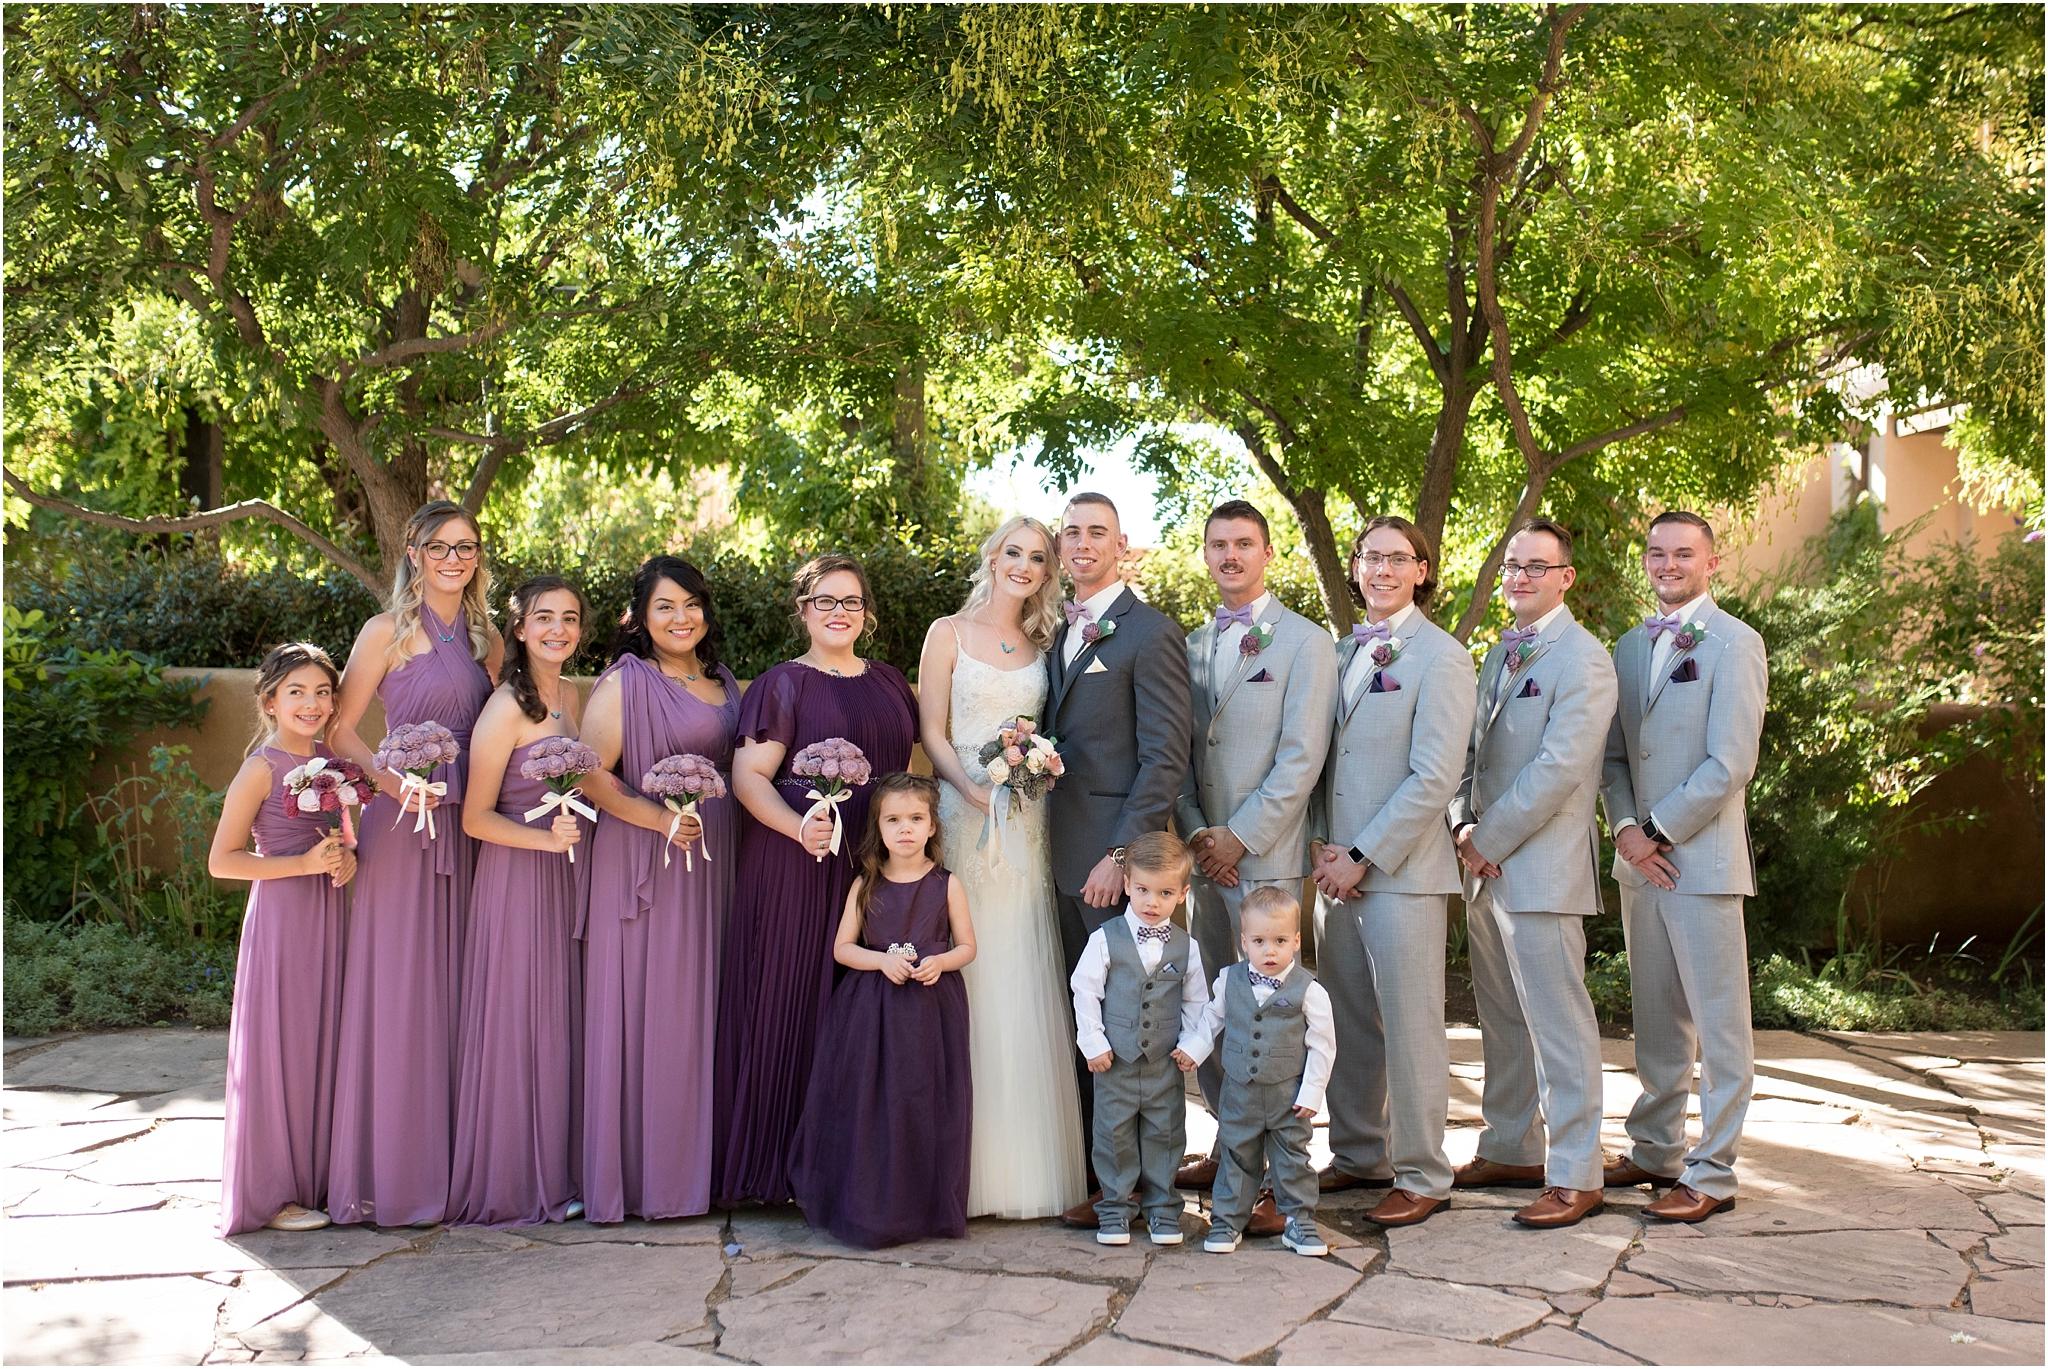 kayla kitts photography - new mexico wedding photographer - albuquerque botanic gardens - hotel albuquerque_0157.jpg